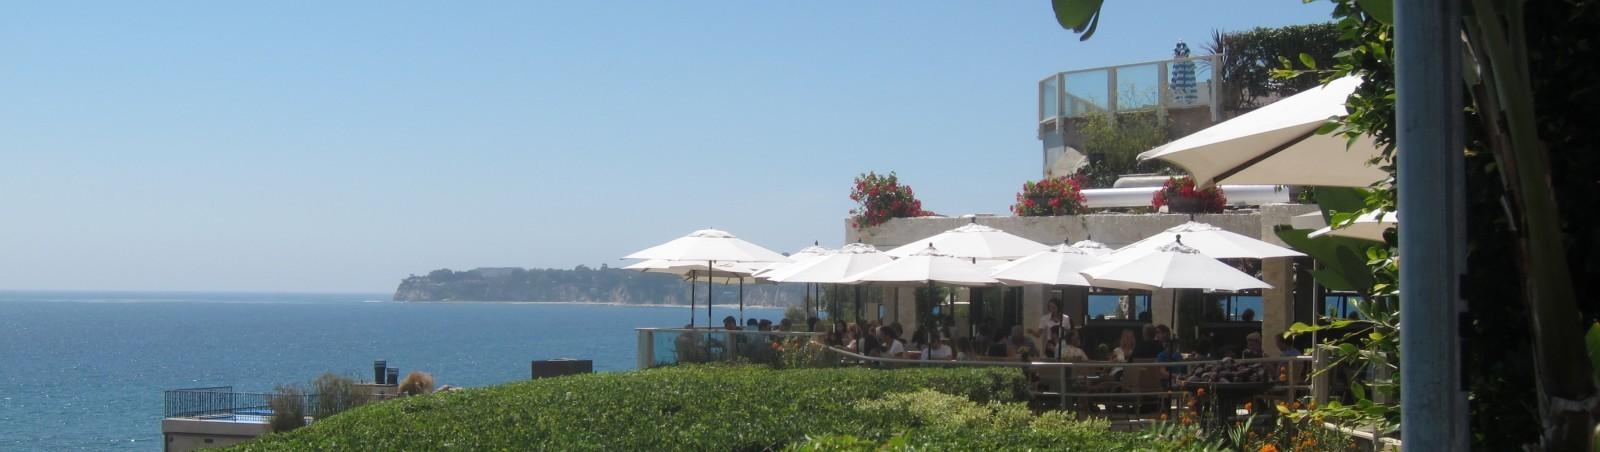 gefforys-malibu-restaurant_all-things-malibu